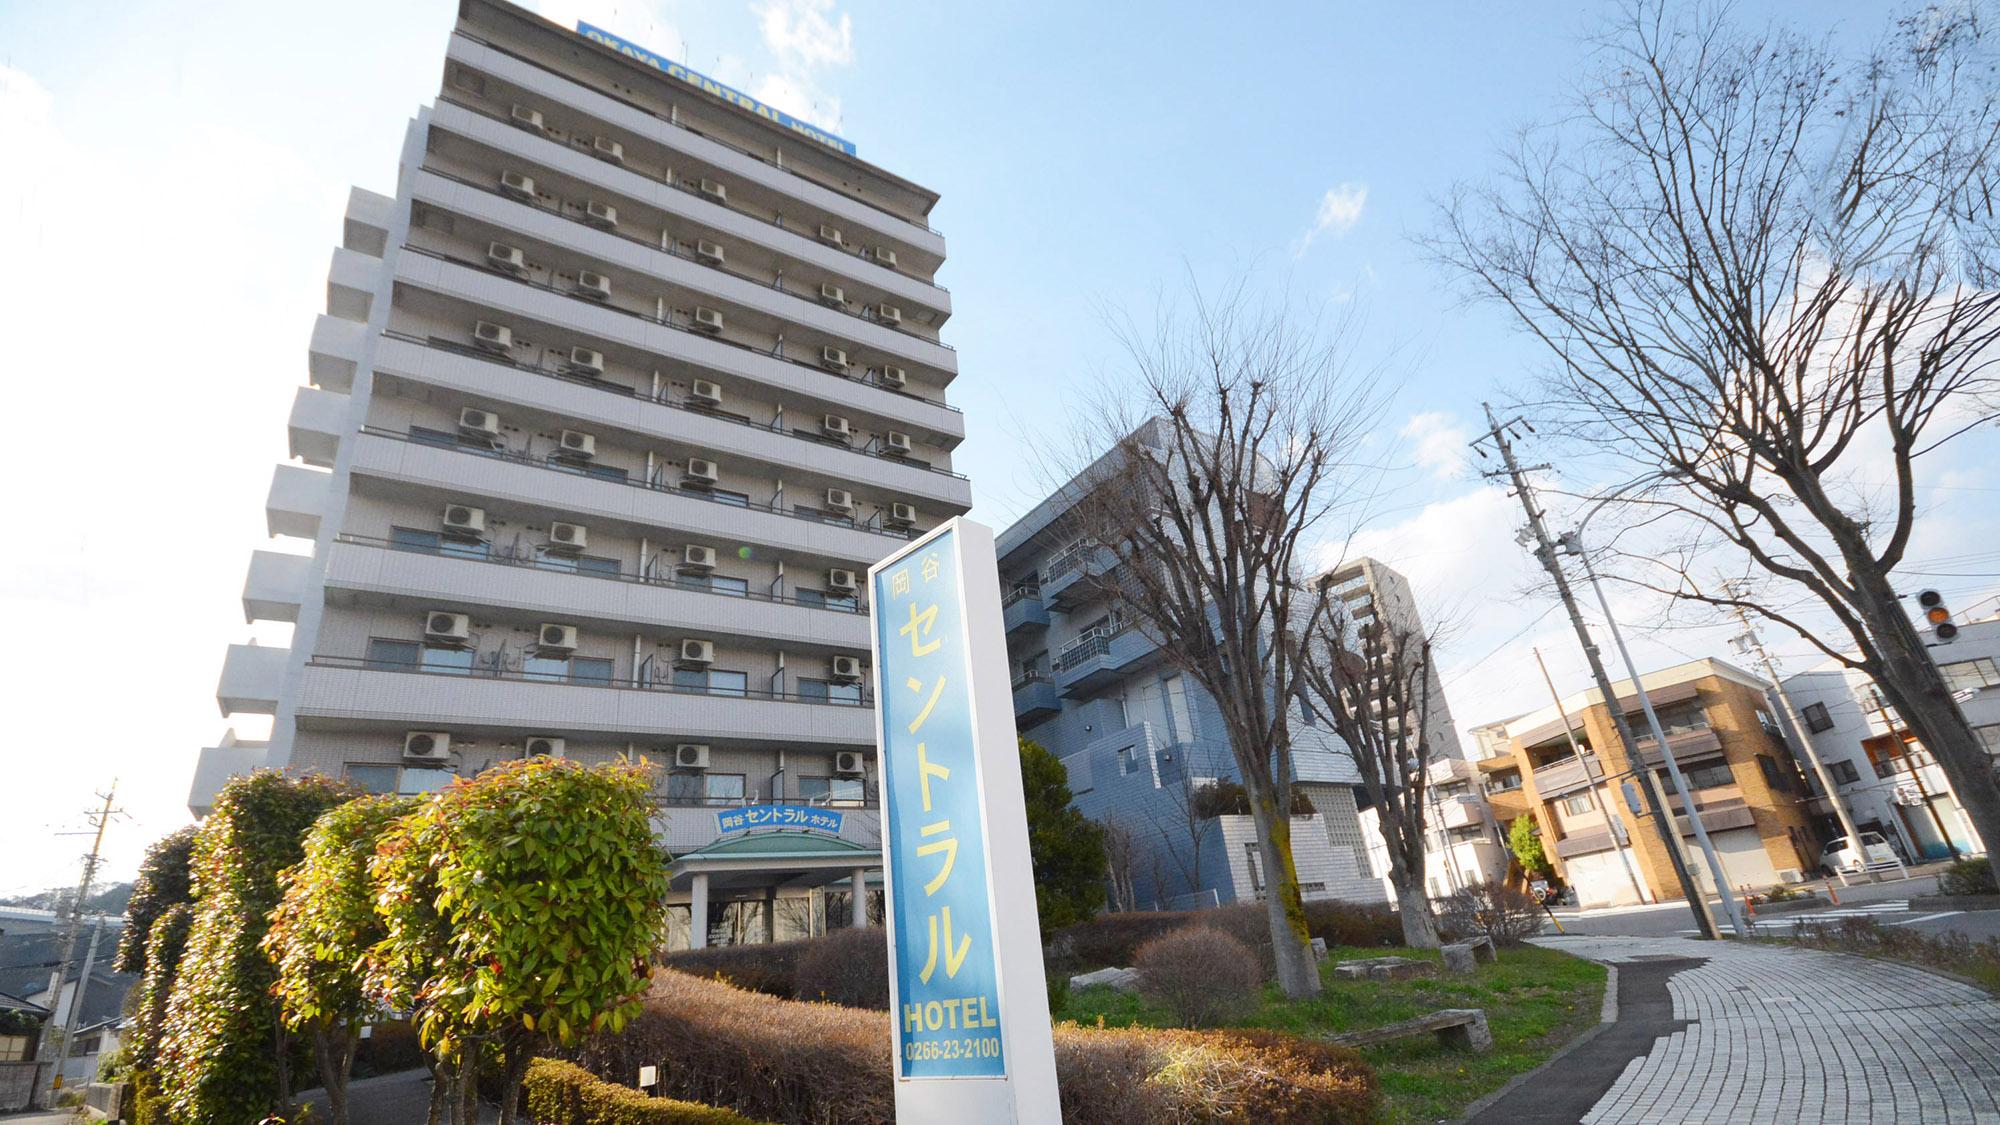 岡谷セントラルホテル 岡谷駅前(BBHホテルグループ)